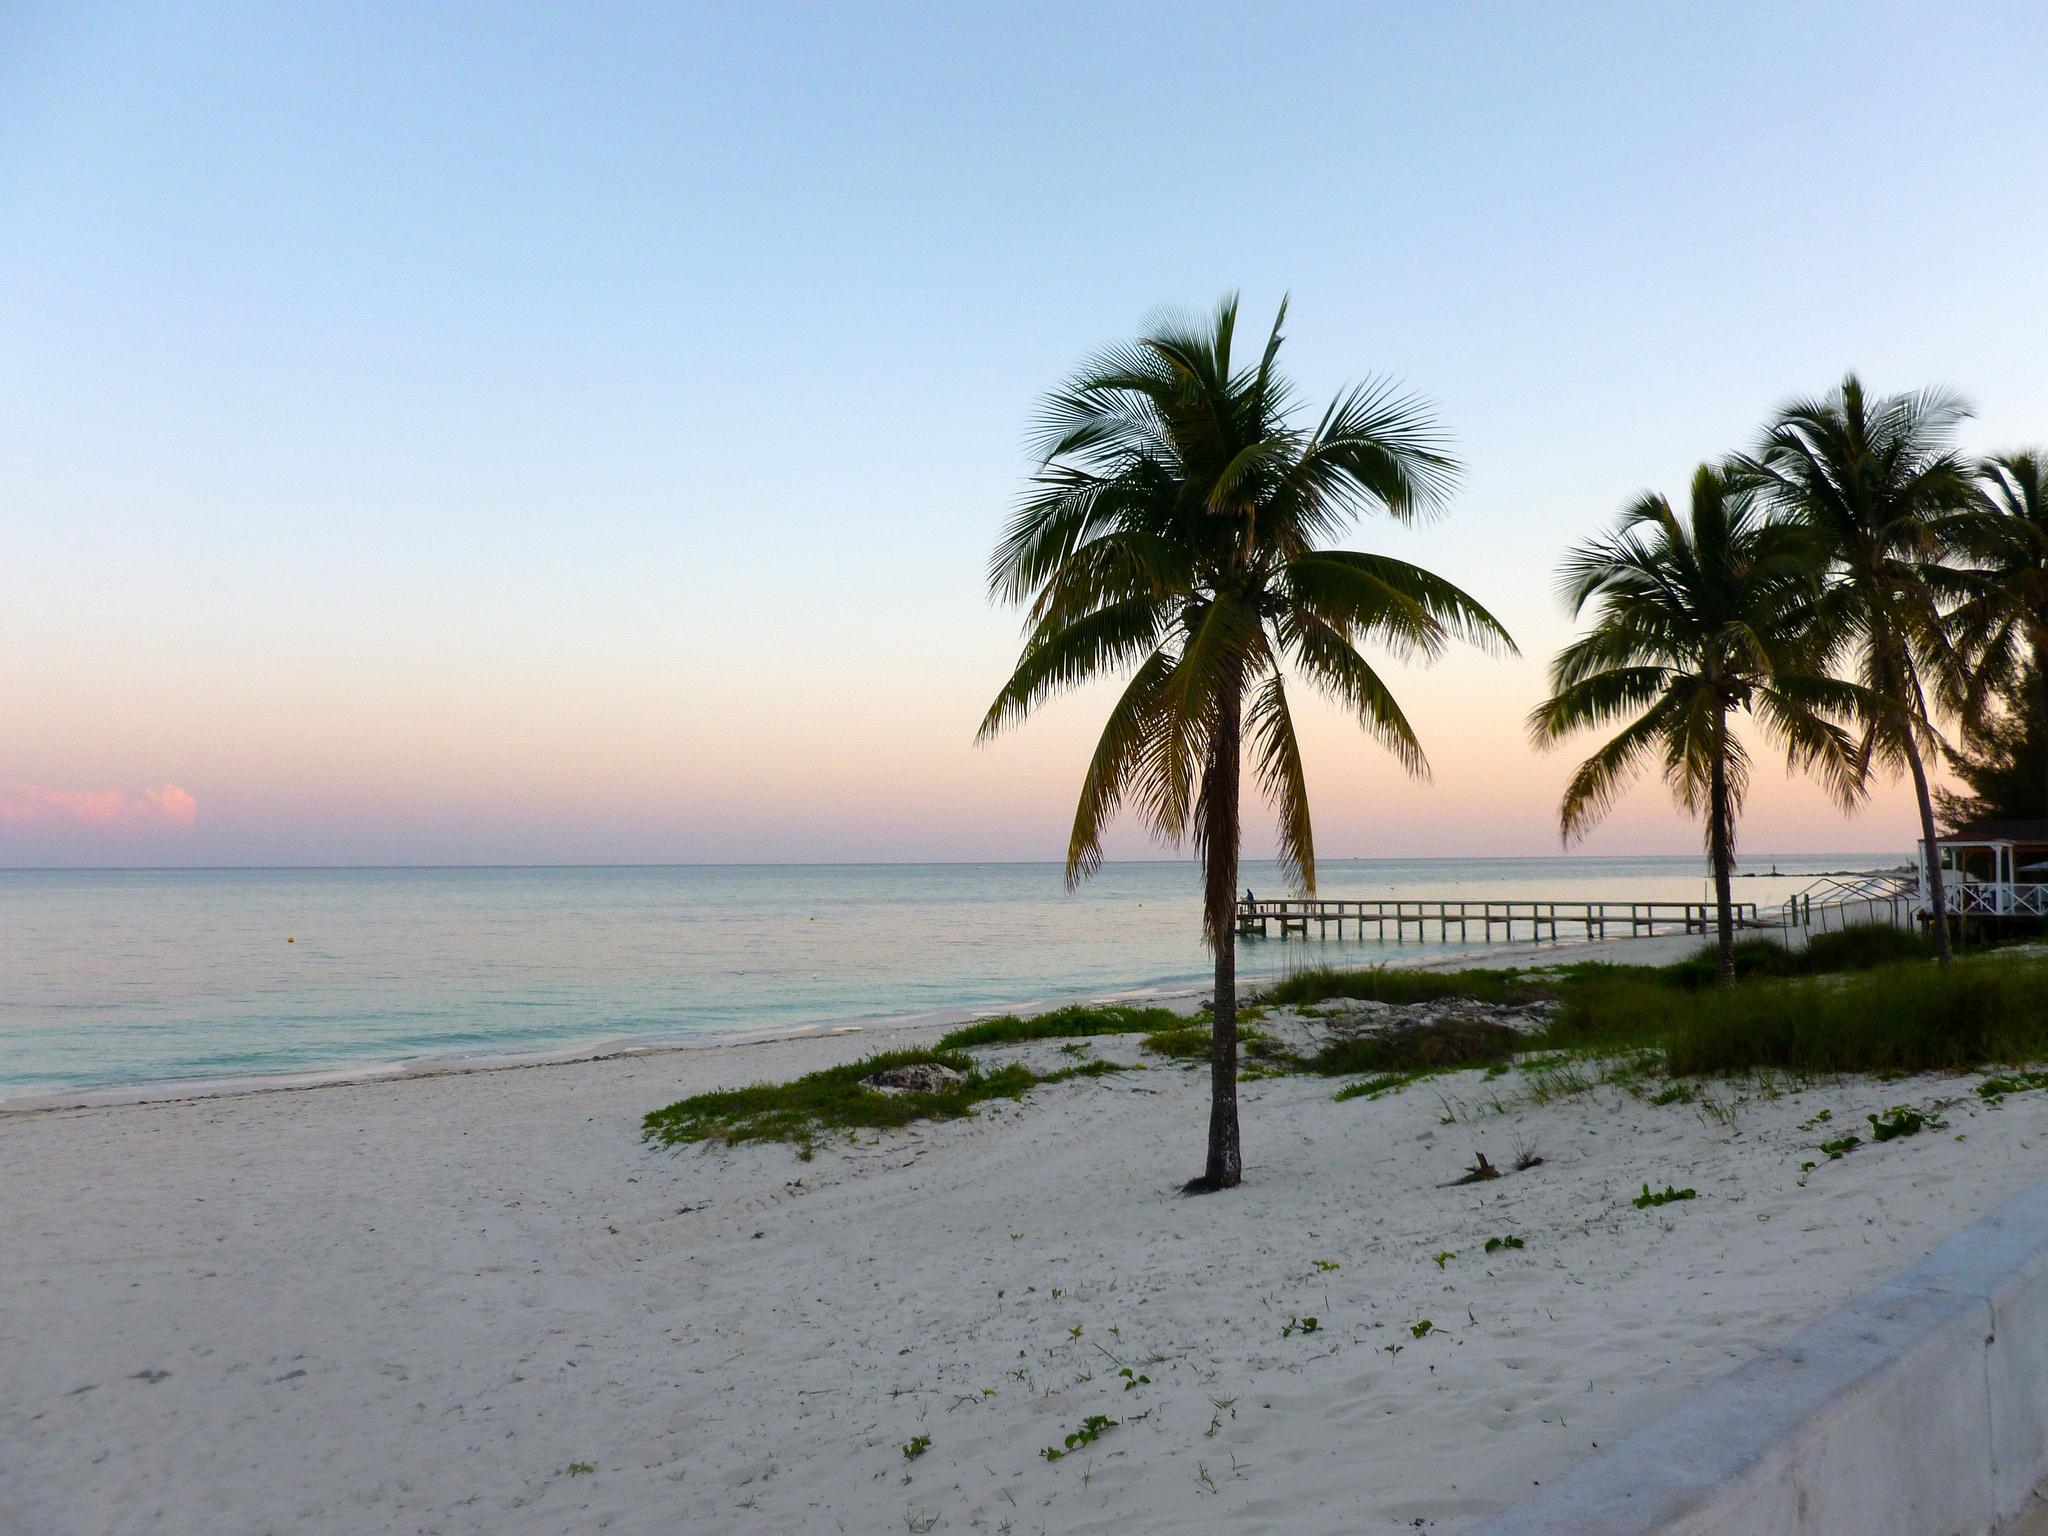 bahama-park-taino-rannas-secret-world